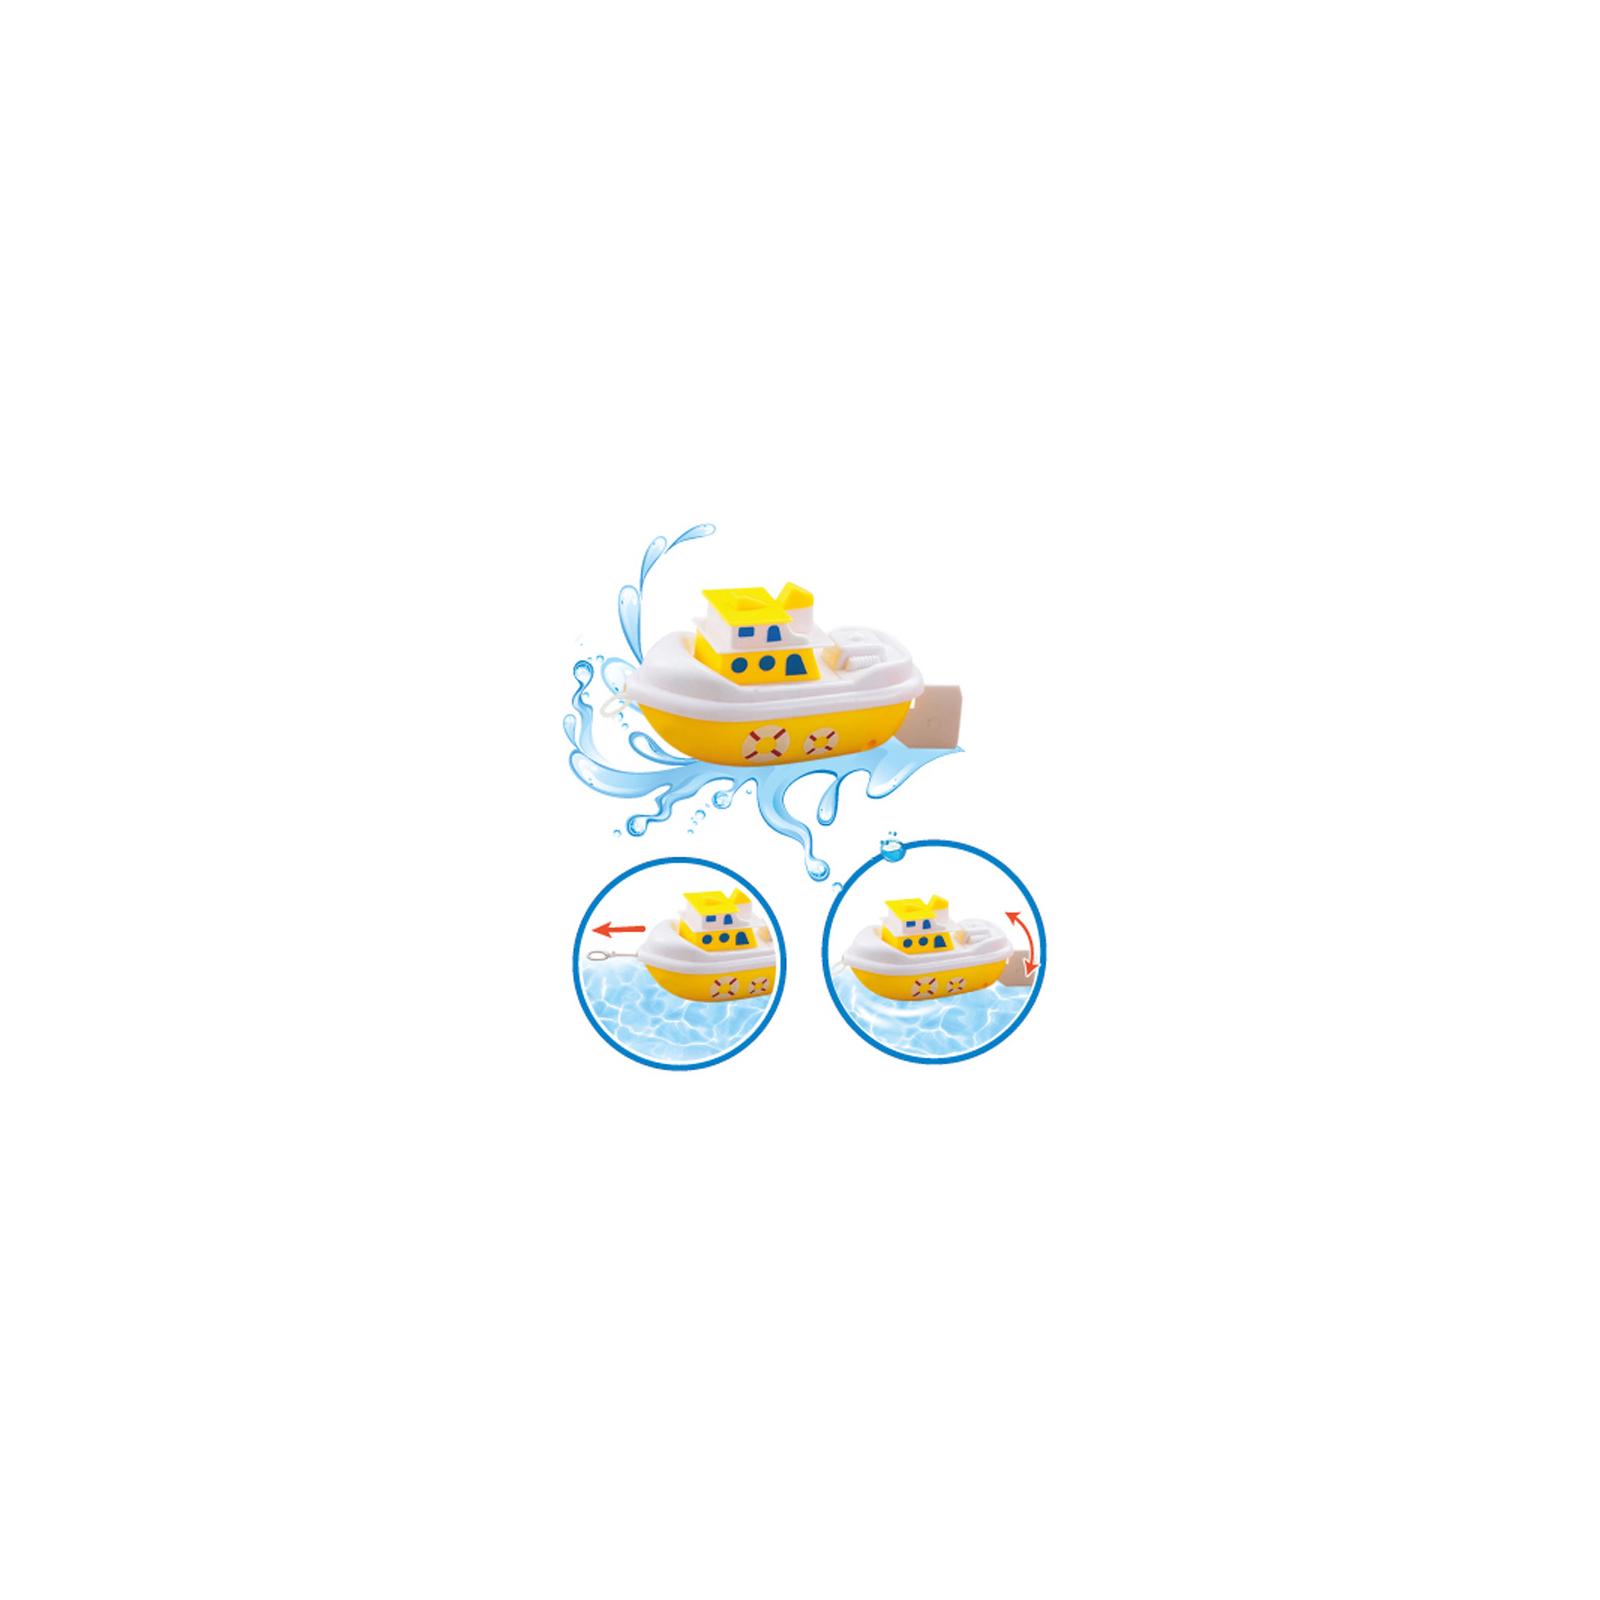 Развивающая игрушка BeBeLino Кораблик путешественник (57080) изображение 2